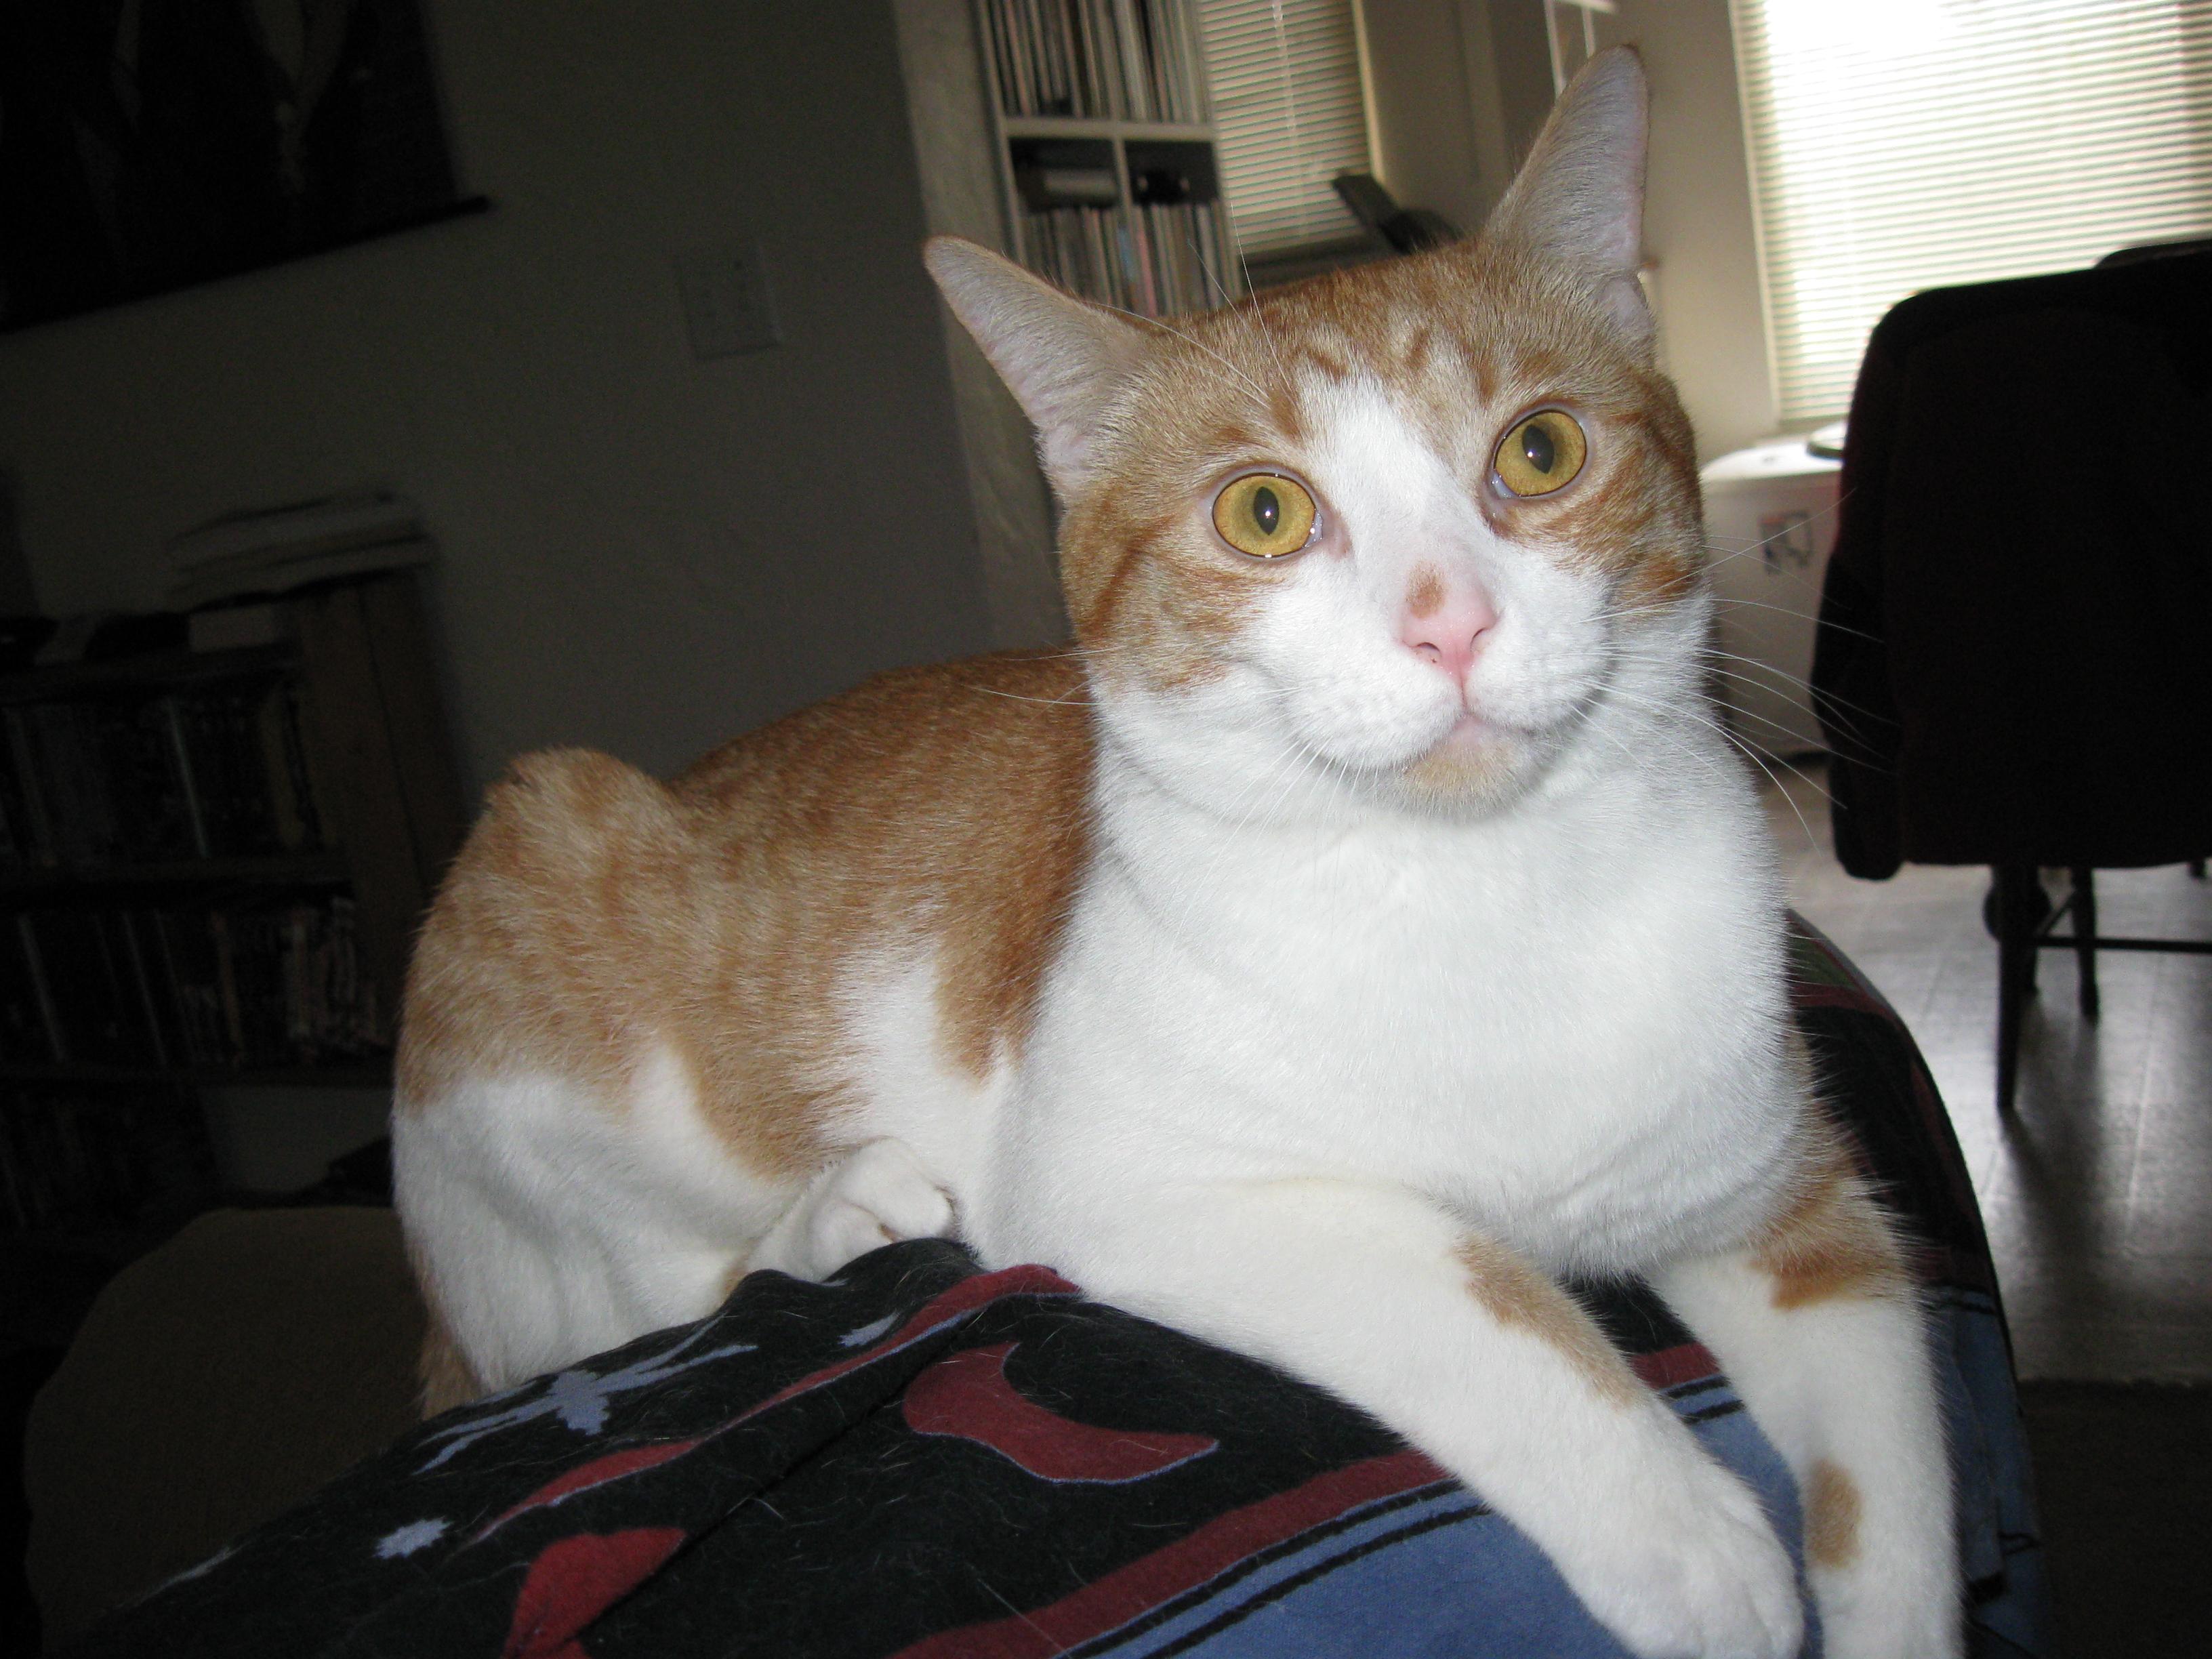 Marie's cat Oliver, Animal, Cat, Indoor, Pet, HQ Photo